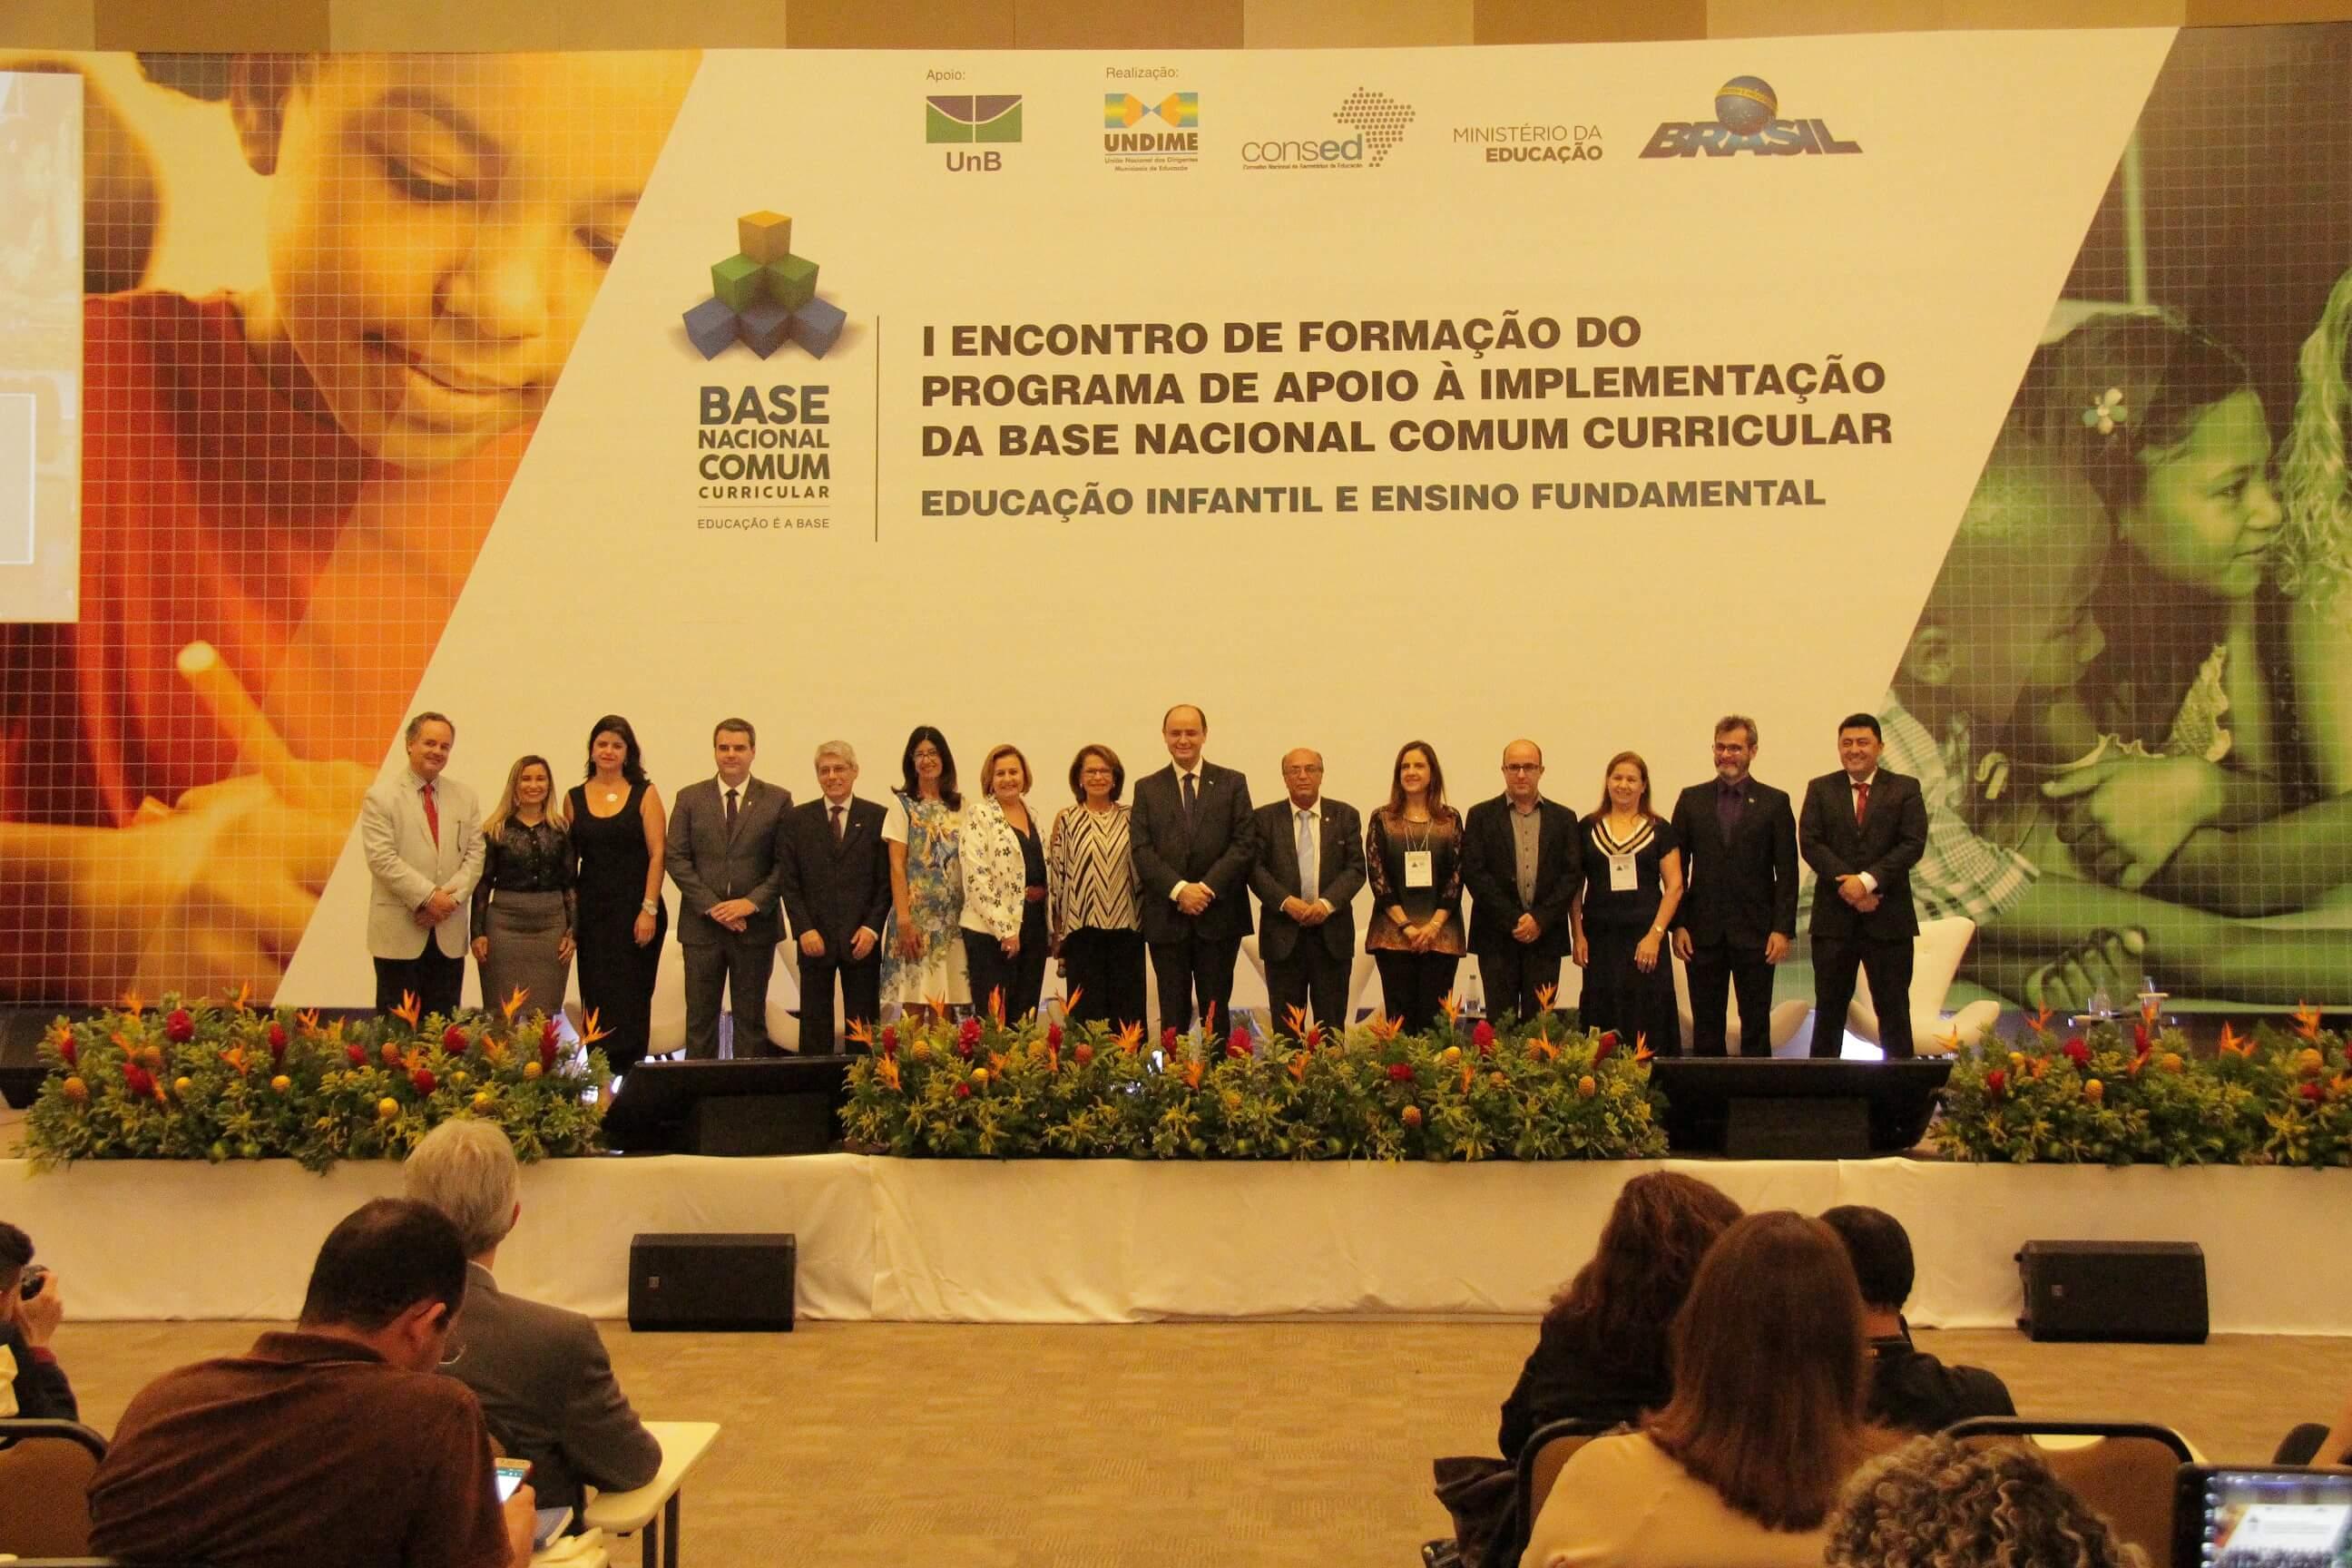 Delegações de todos os estados participam do 1º encontro de formação do programa de apoio à implementação da BNCC